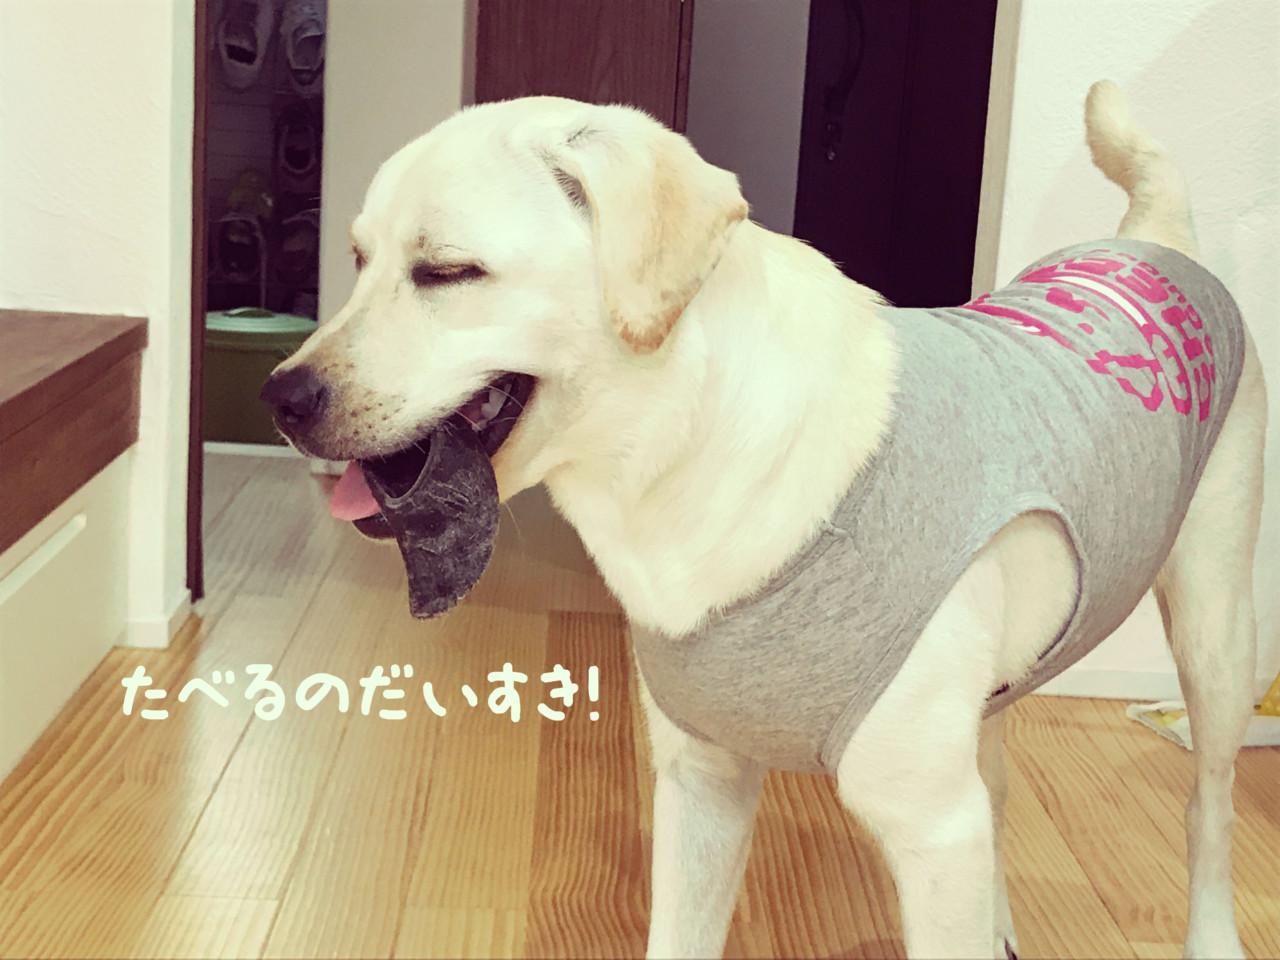 わたしの犬の飼いかた_ラブラドール・レトリバー7ヶ月体重